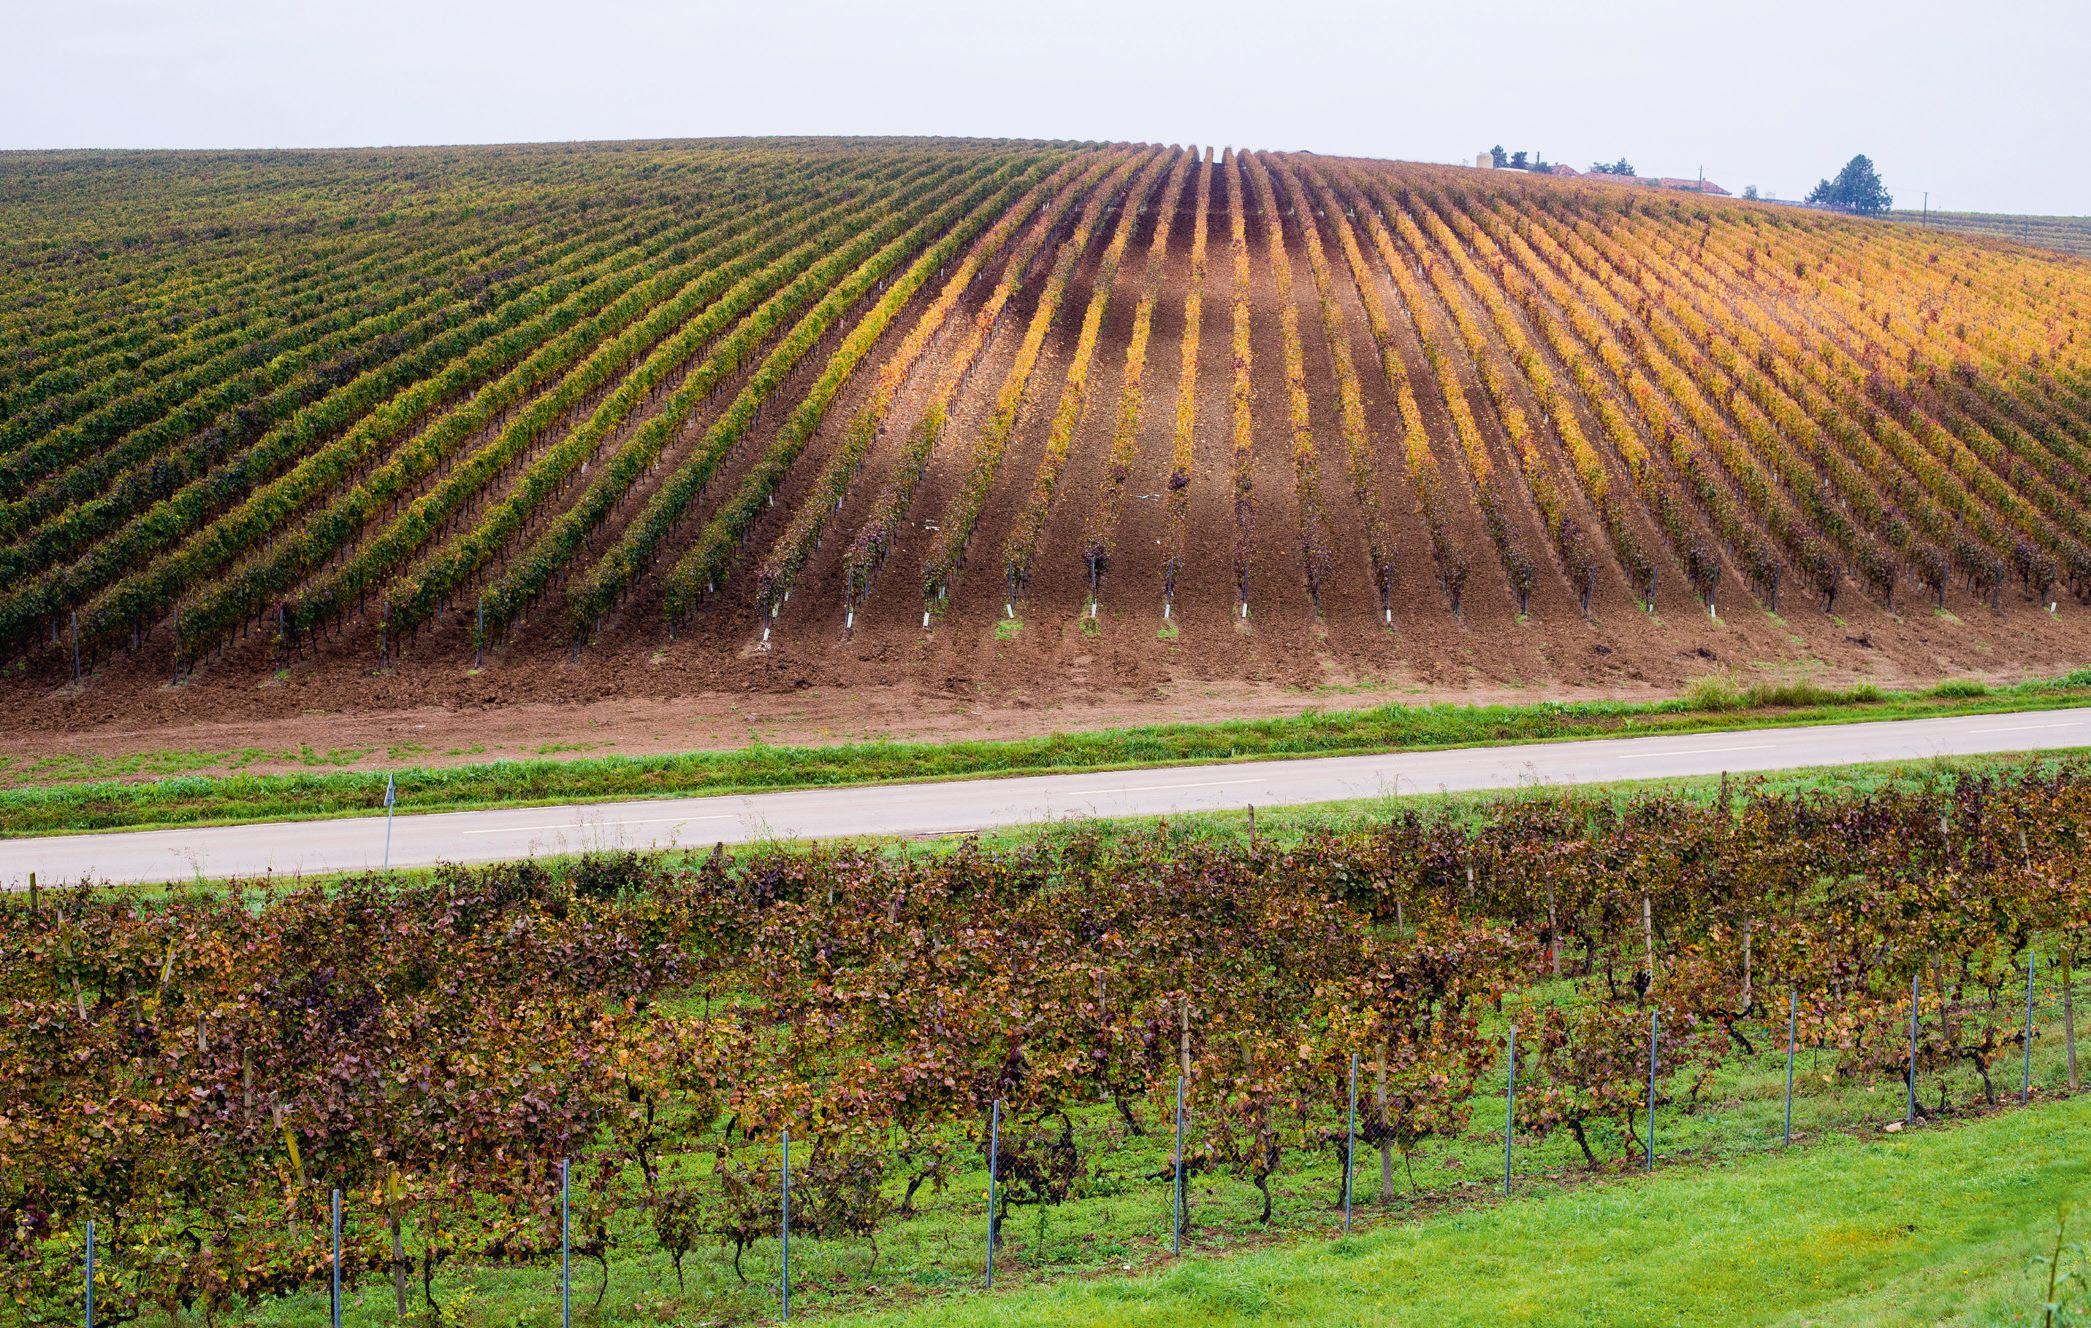 România a ajuns pe locul cinci în Europa din punctul de vedere al suprafeţelor cultivate cu viţă-de-vie